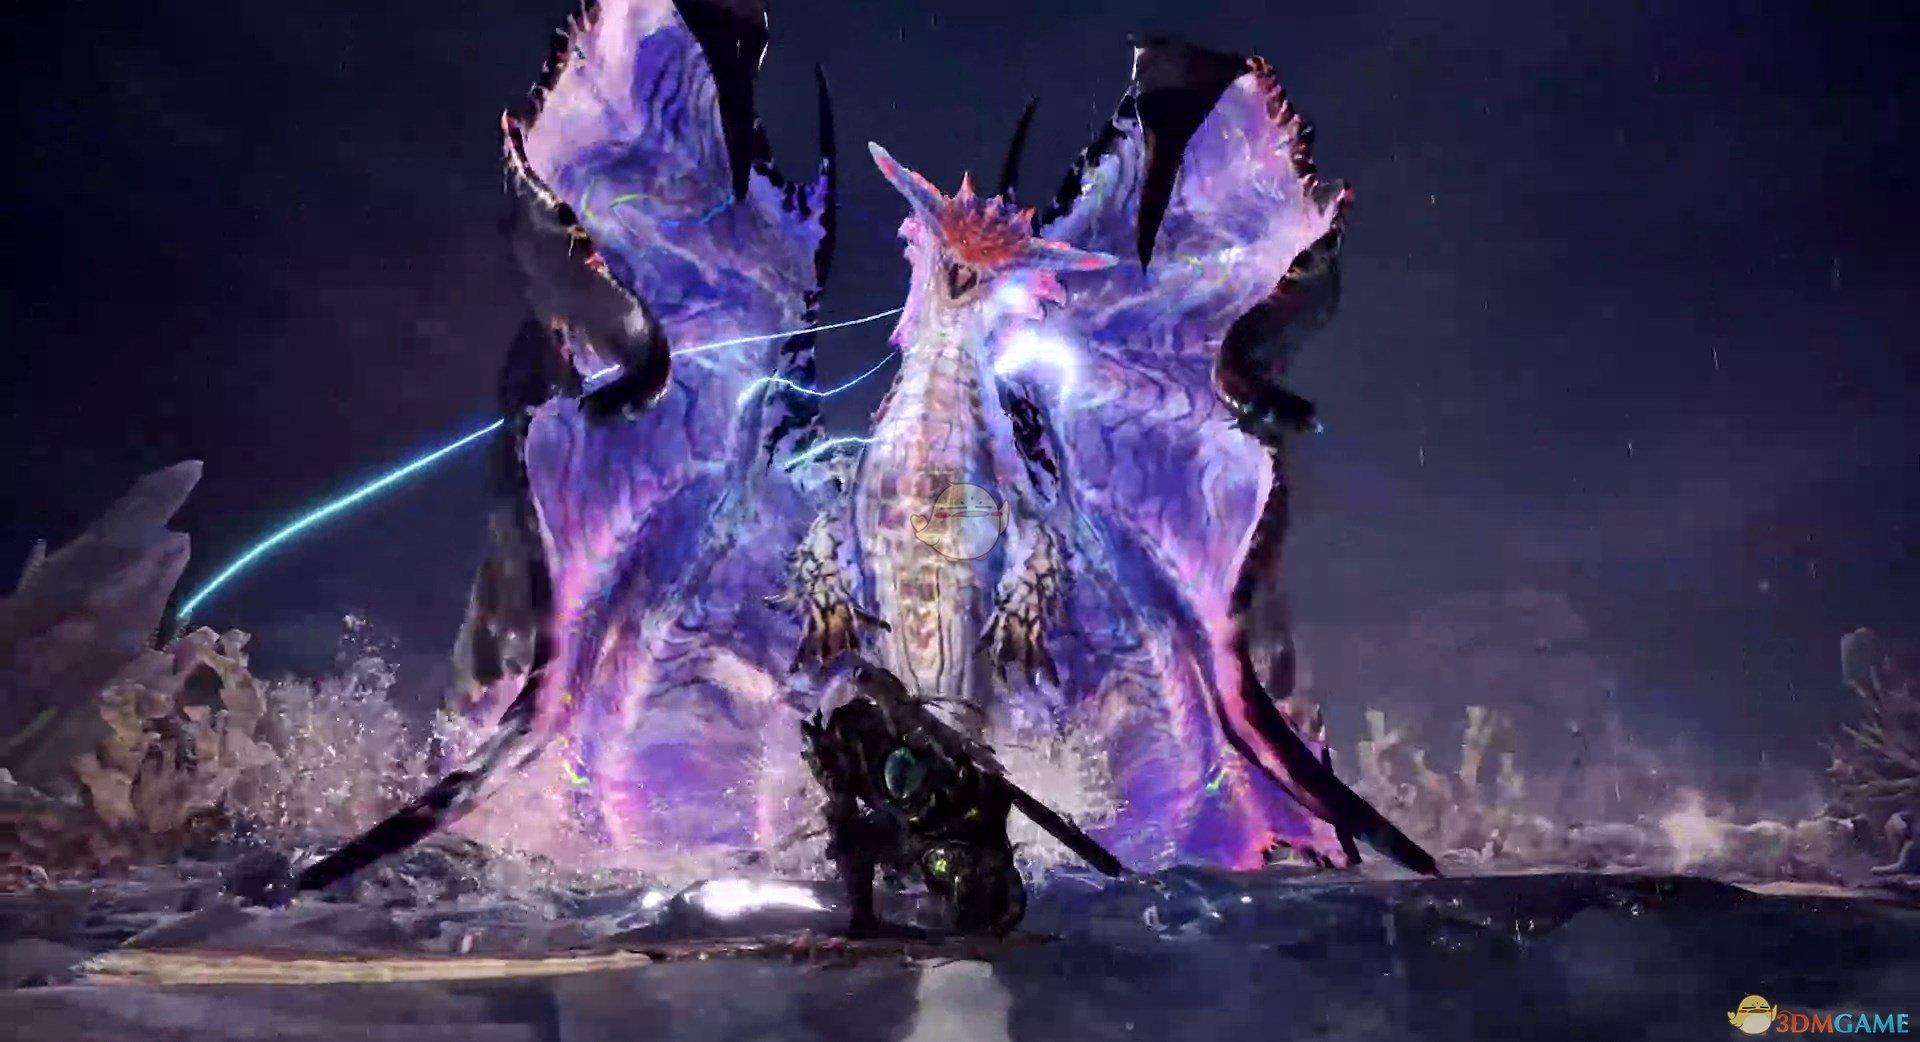 《怪物猎人:世界》冰原DLC飞翔爪反击架势作用效果介绍